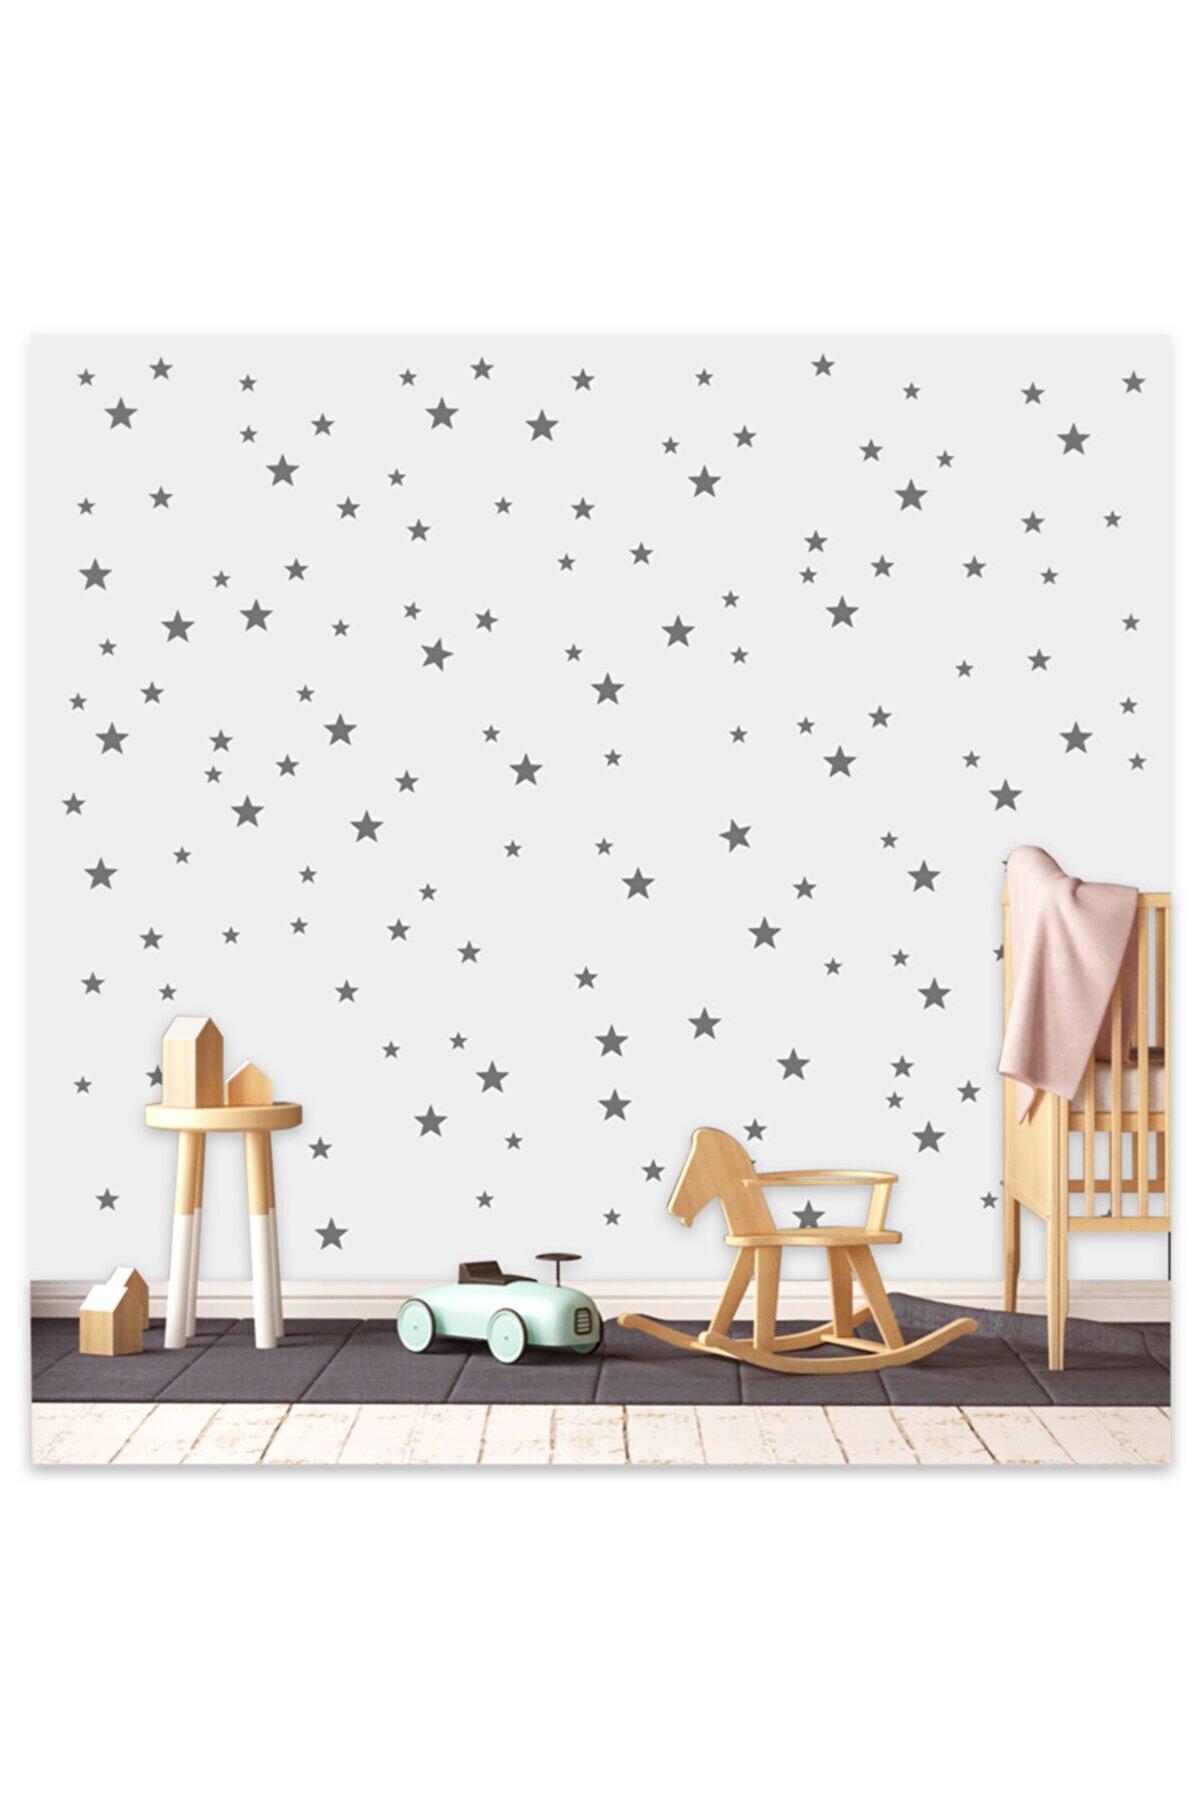 Sticker Sepetim Bebek Ve Çocuk Odası Yıldız Seti 3,4,5 Cm 100 Adet